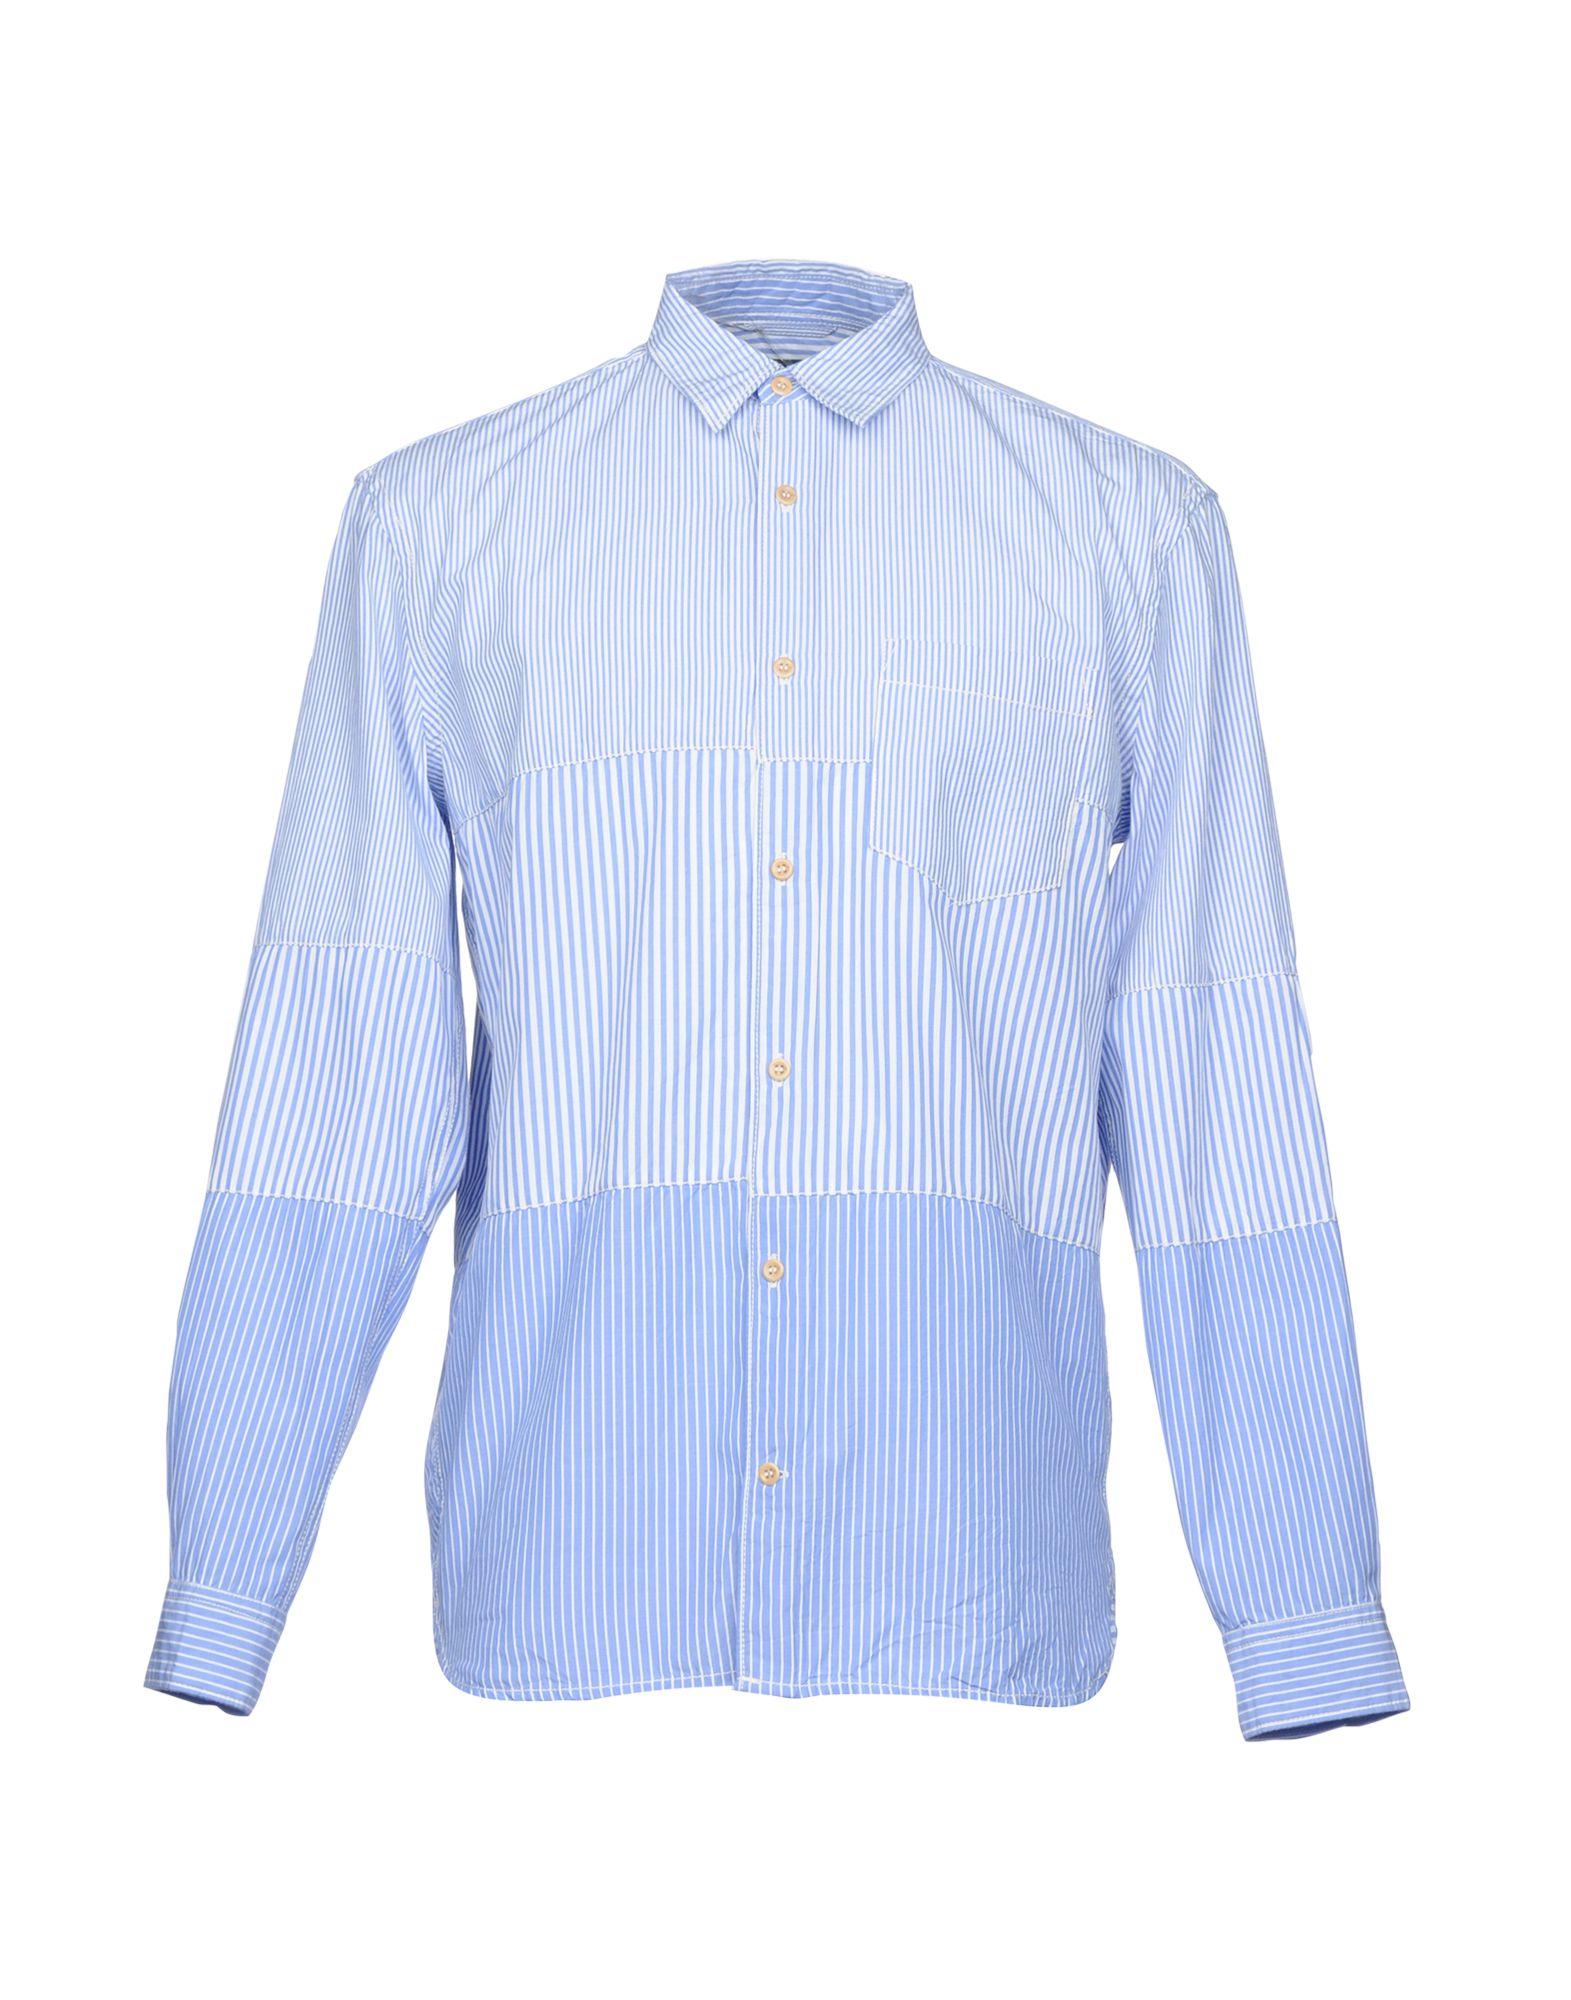 《セール開催中》FRENCH CONNECTION メンズ シャツ ブルー M コットン 100%